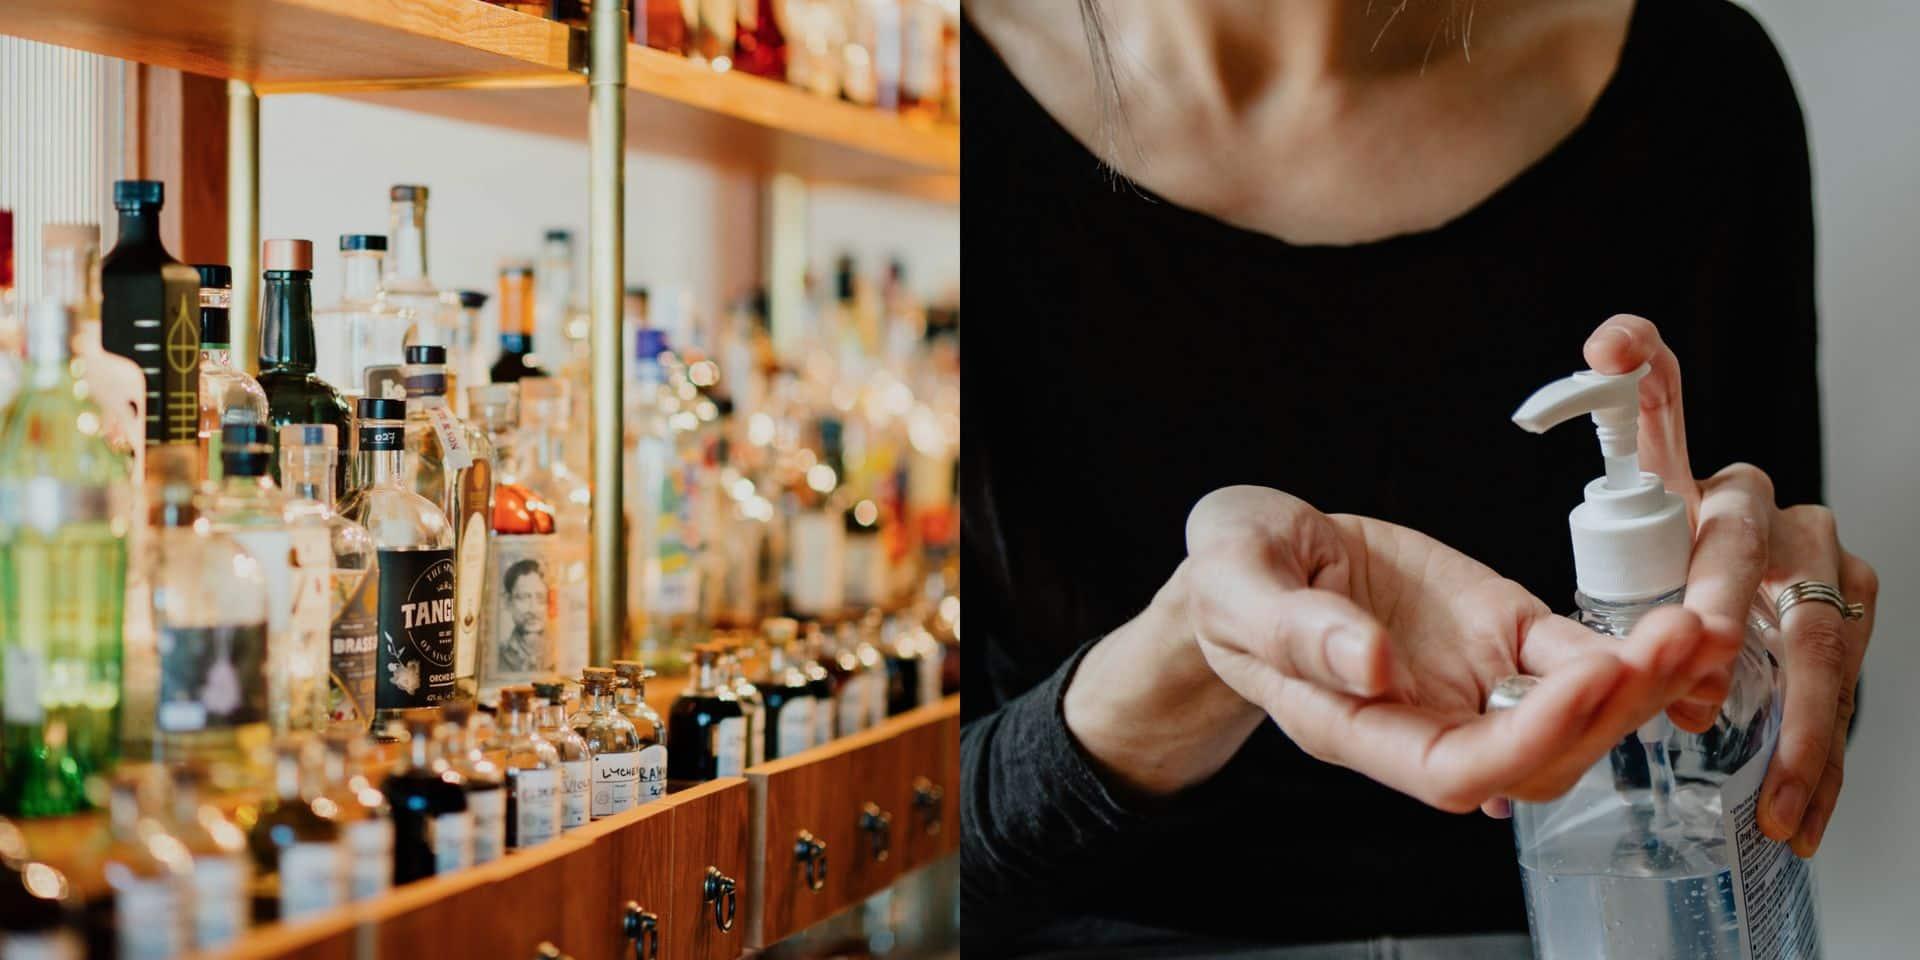 Coronavirus: les producteurs d'alcool se mobilisent face à la pénurie de gel hydroalcoolique